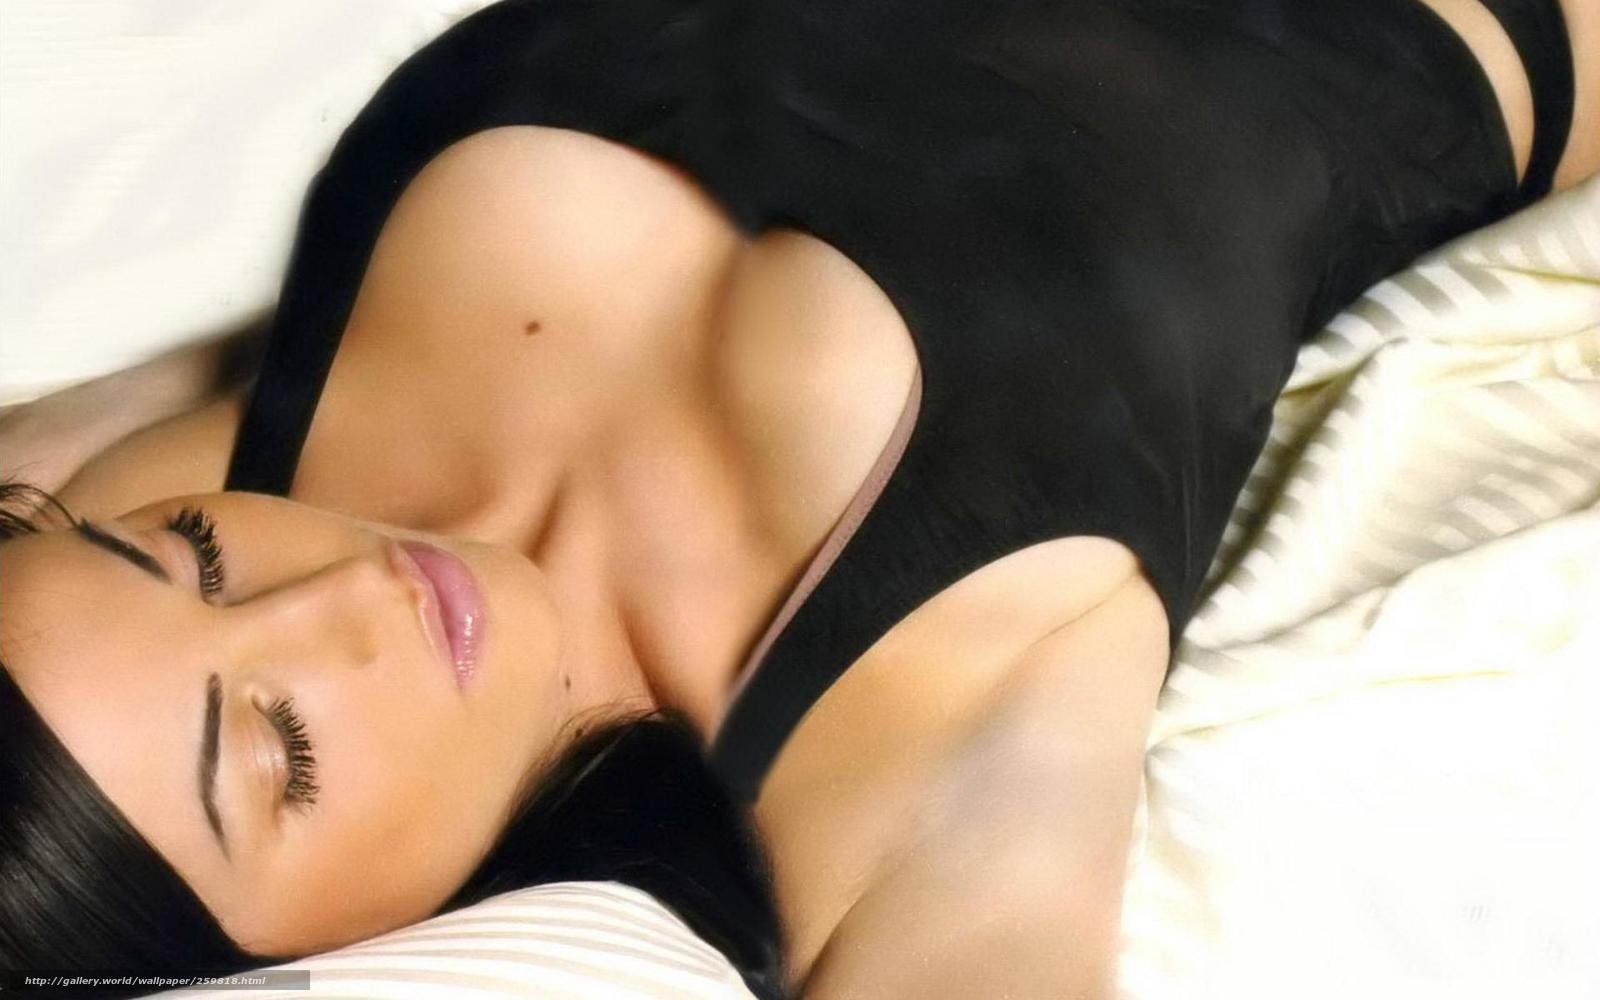 Фото красивых обнаженных девочек в постели 11 фотография